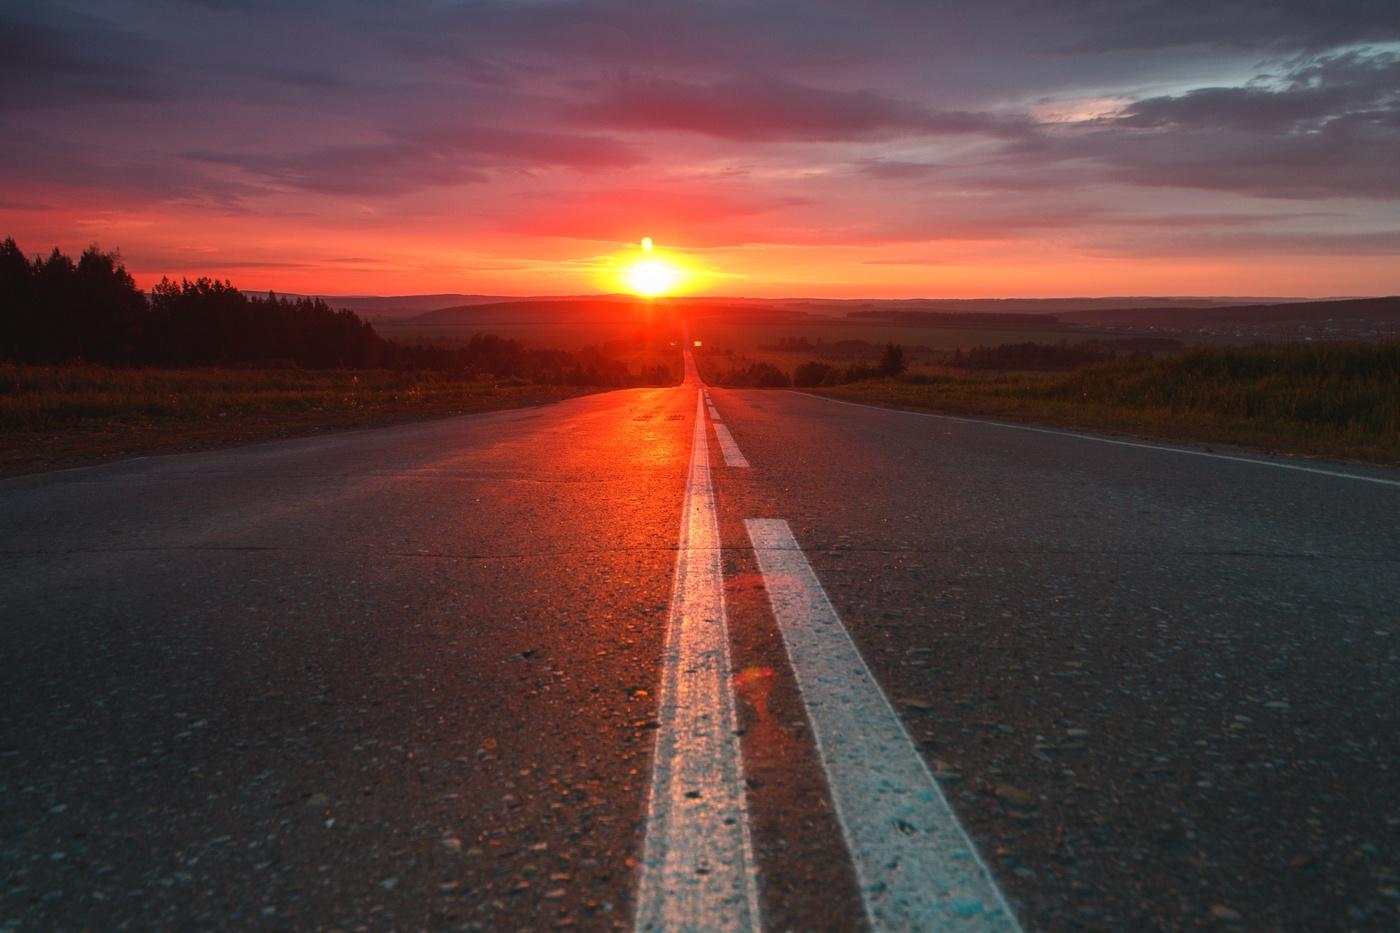 также фото закат на дороге очень тонкие, пружинящие